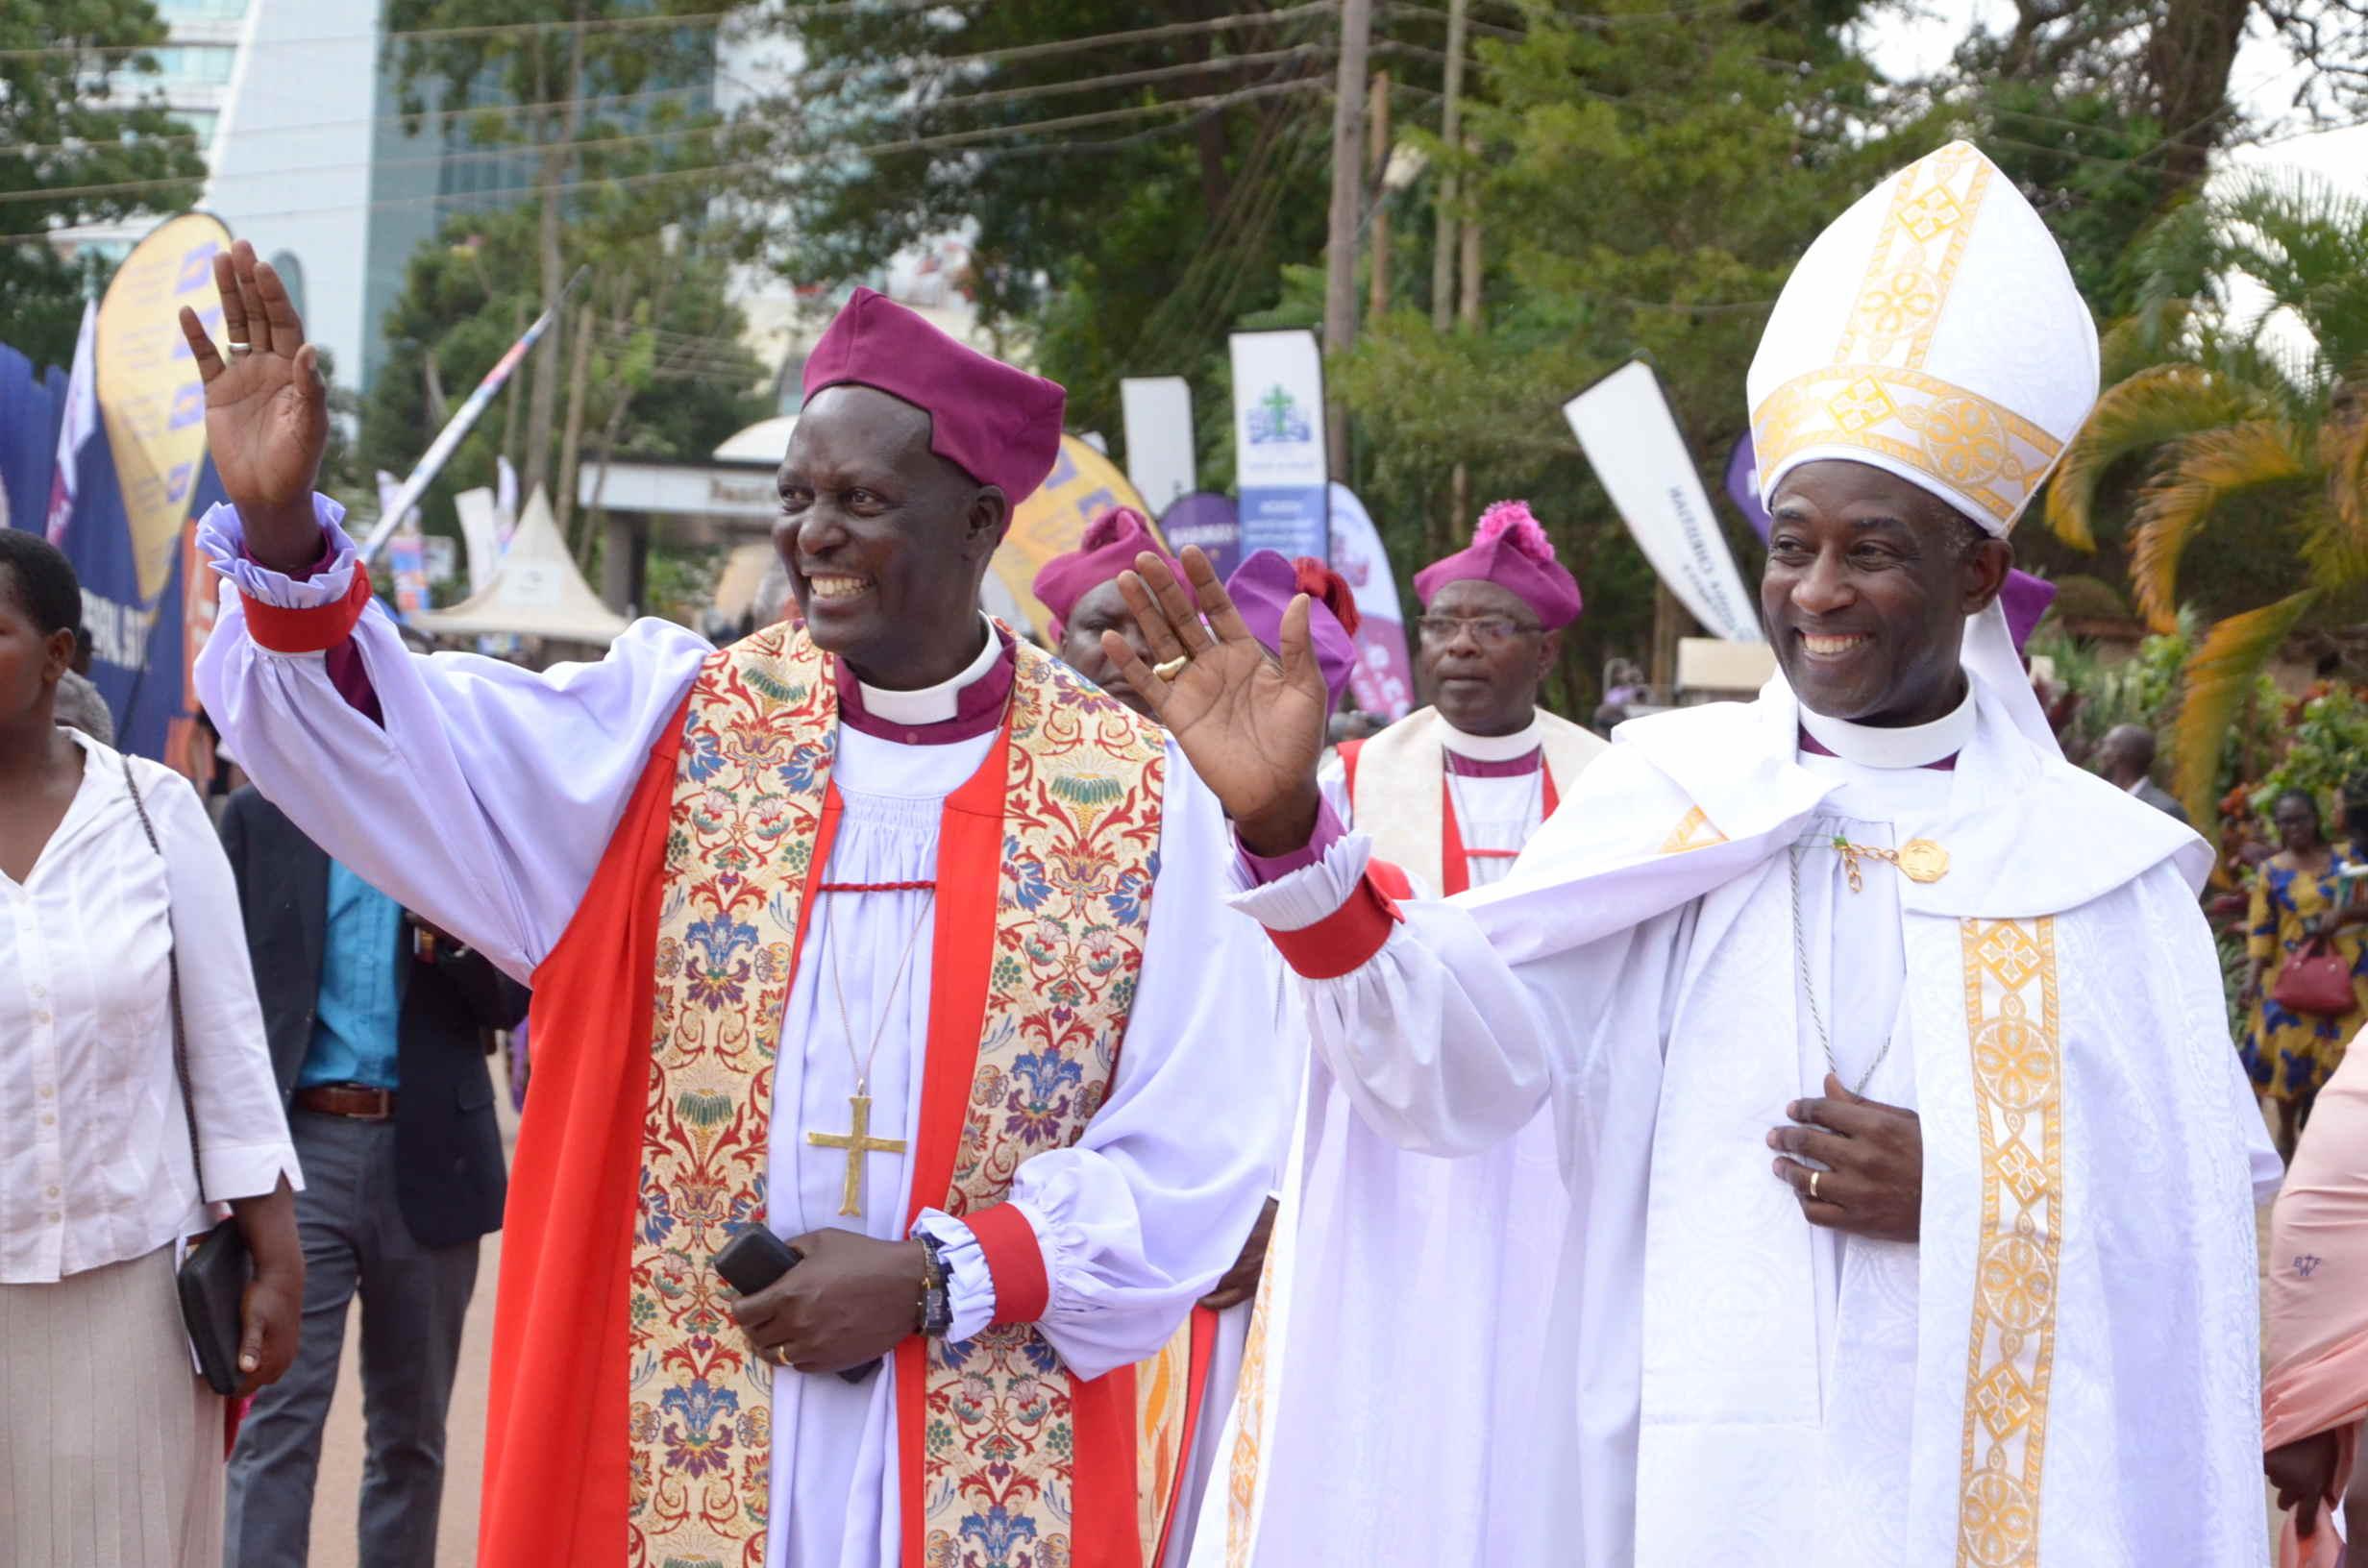 Diocese of Kampala enthrones Bishop Kaziimba